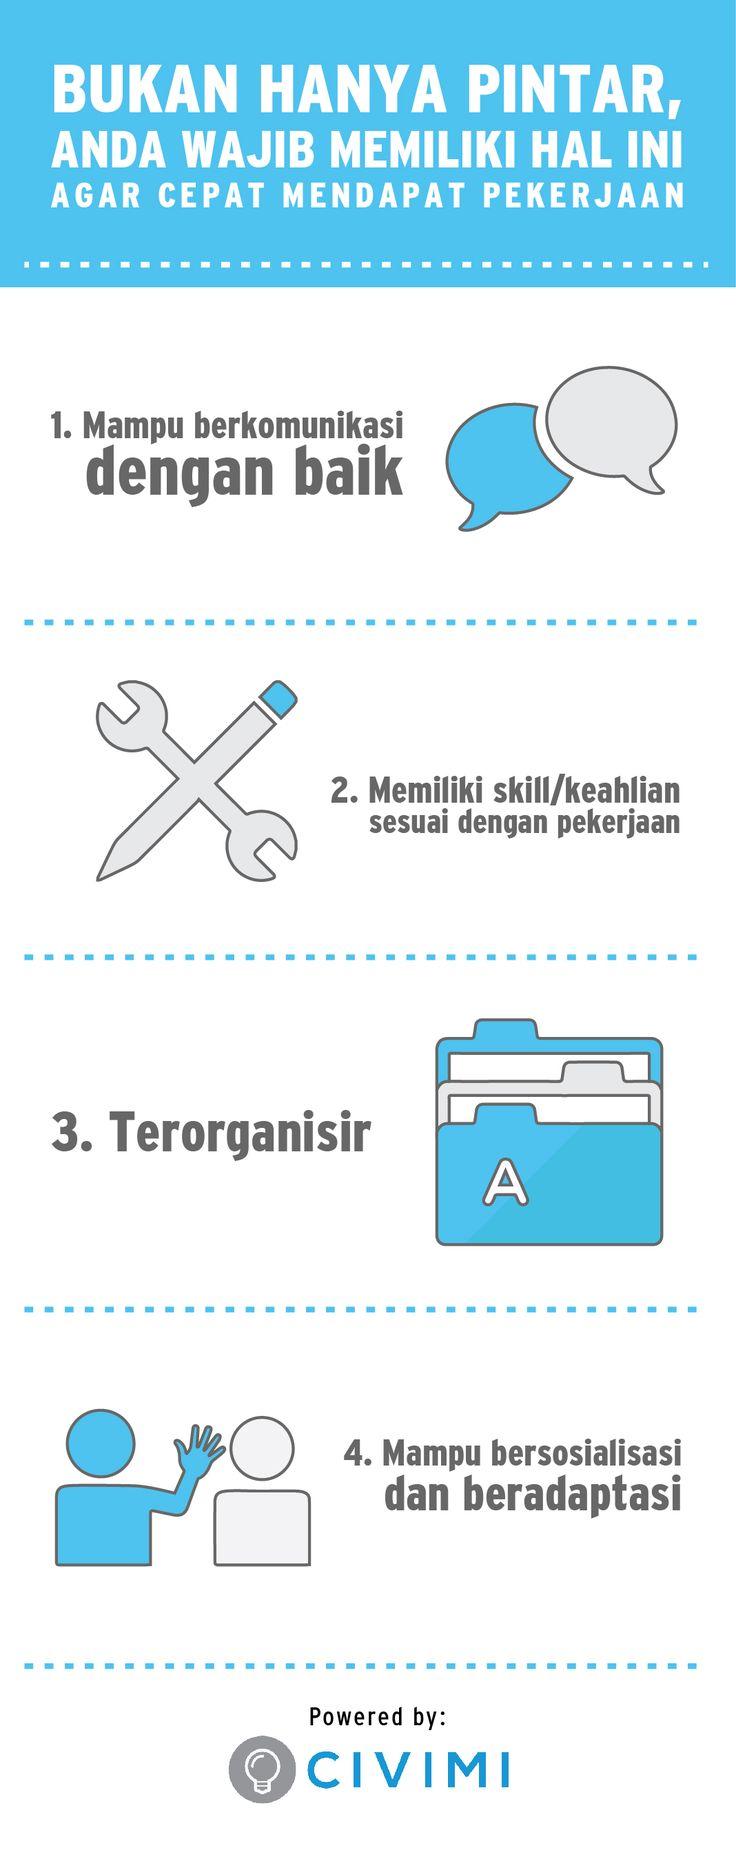 Ternyata Bukan Hanya Pintar, Anda Wajib Memiliki 4 Hal Ini Agar Cepat Mendapatkan Pekerjaan (Infographic)